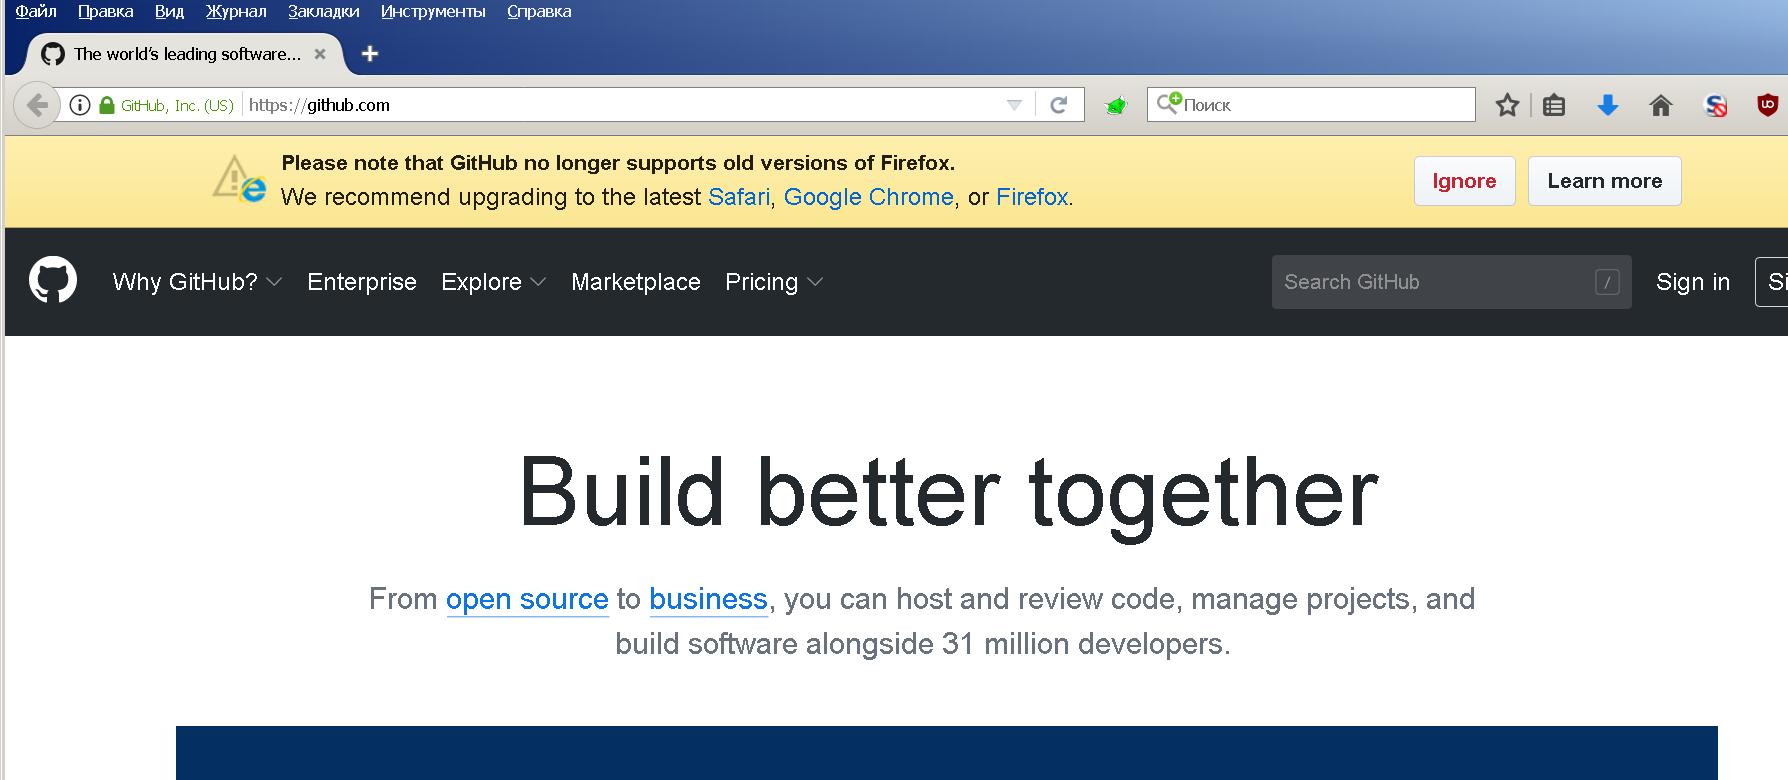 Сегодня многие популярные аддоны для Firefox перестали